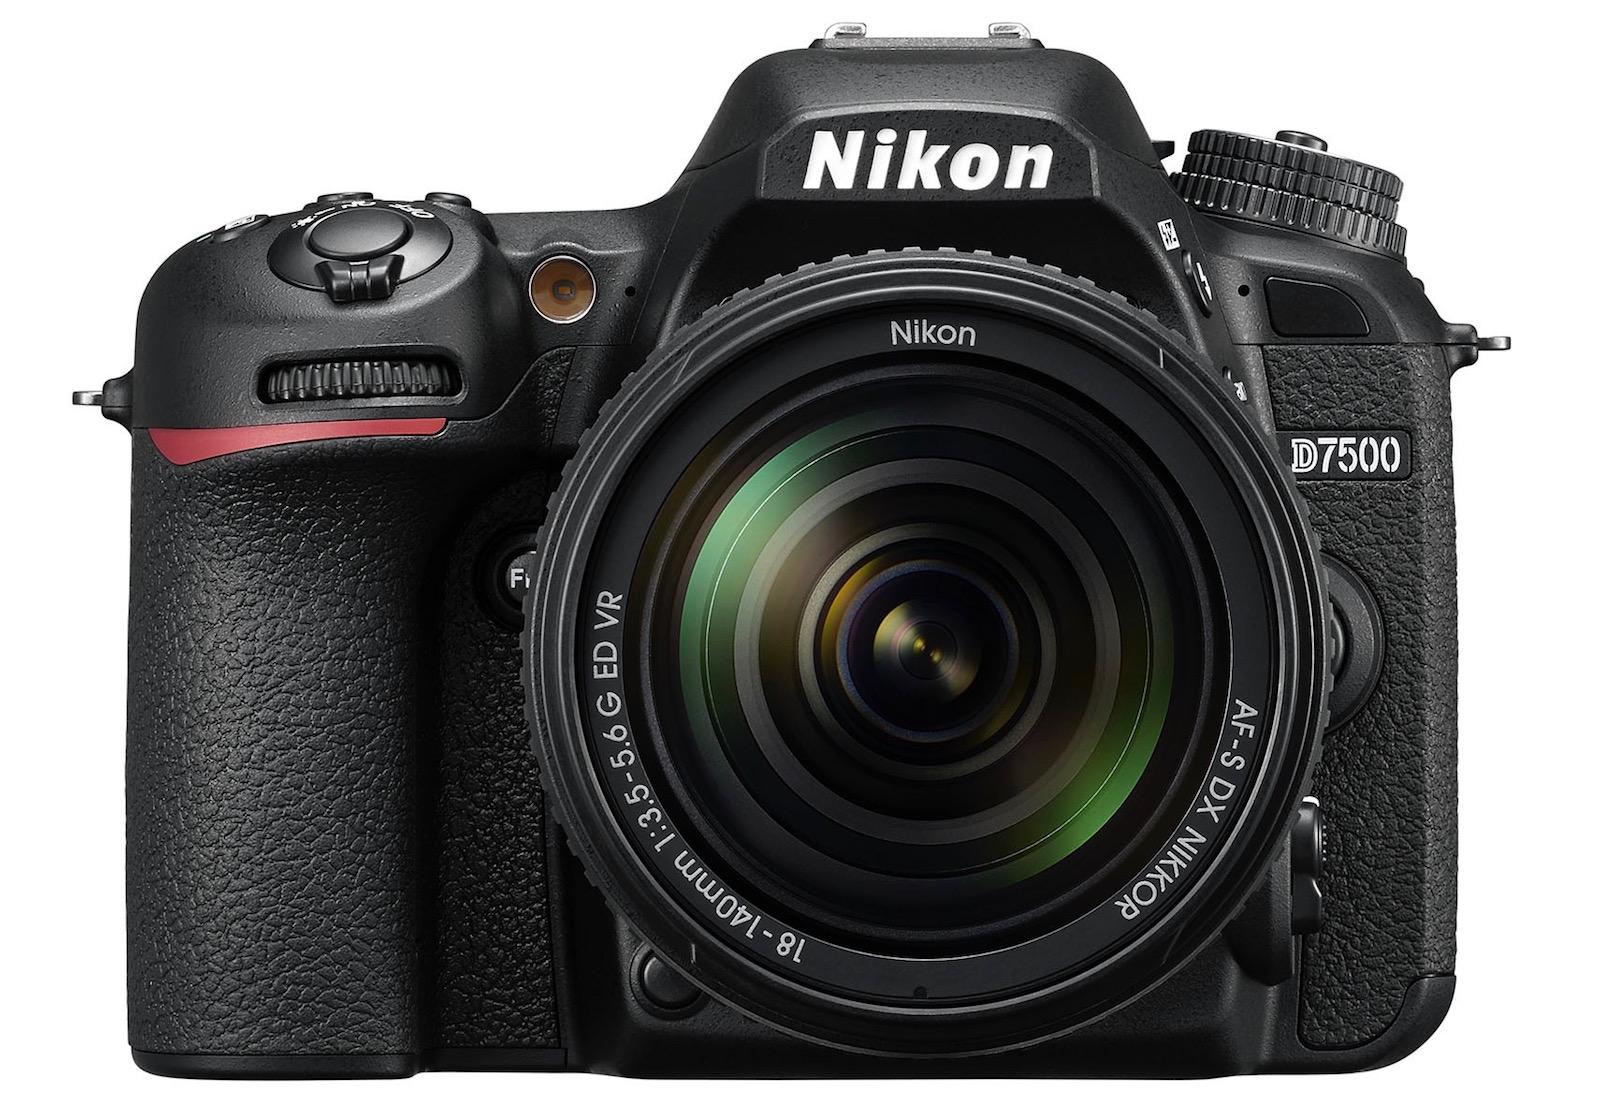 Nikon's D7500 DSLR